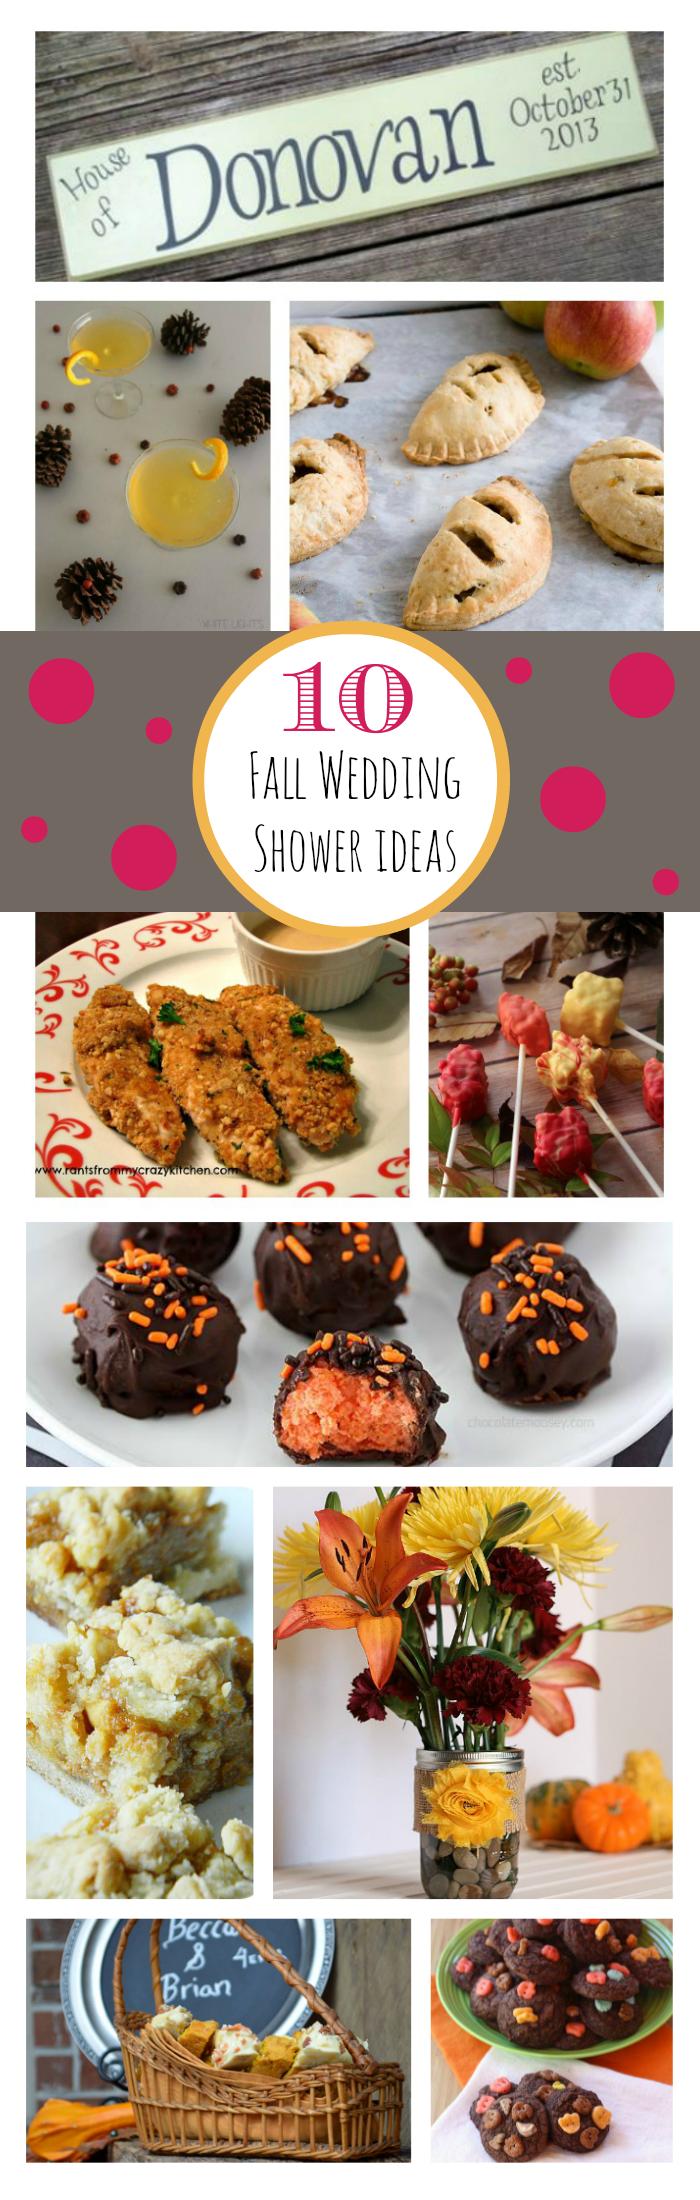 10 Fall Wedding Shower Ideas